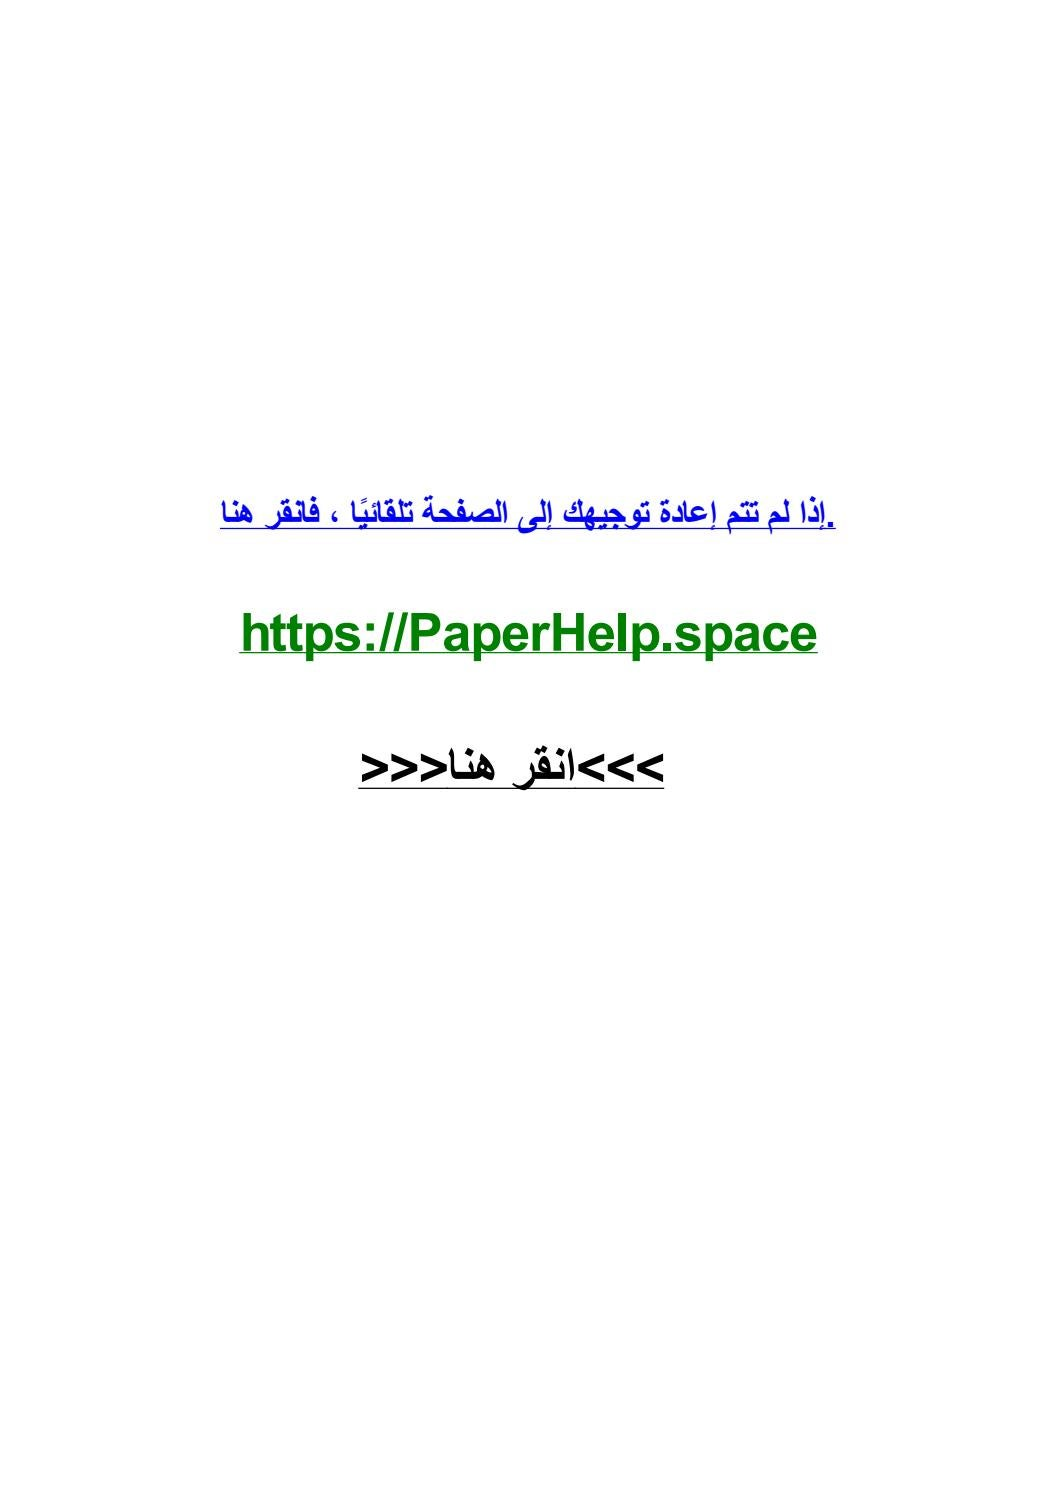 حوار بين شخصين بالانجليزي عن التدخين By Beckyuxmd Issuu